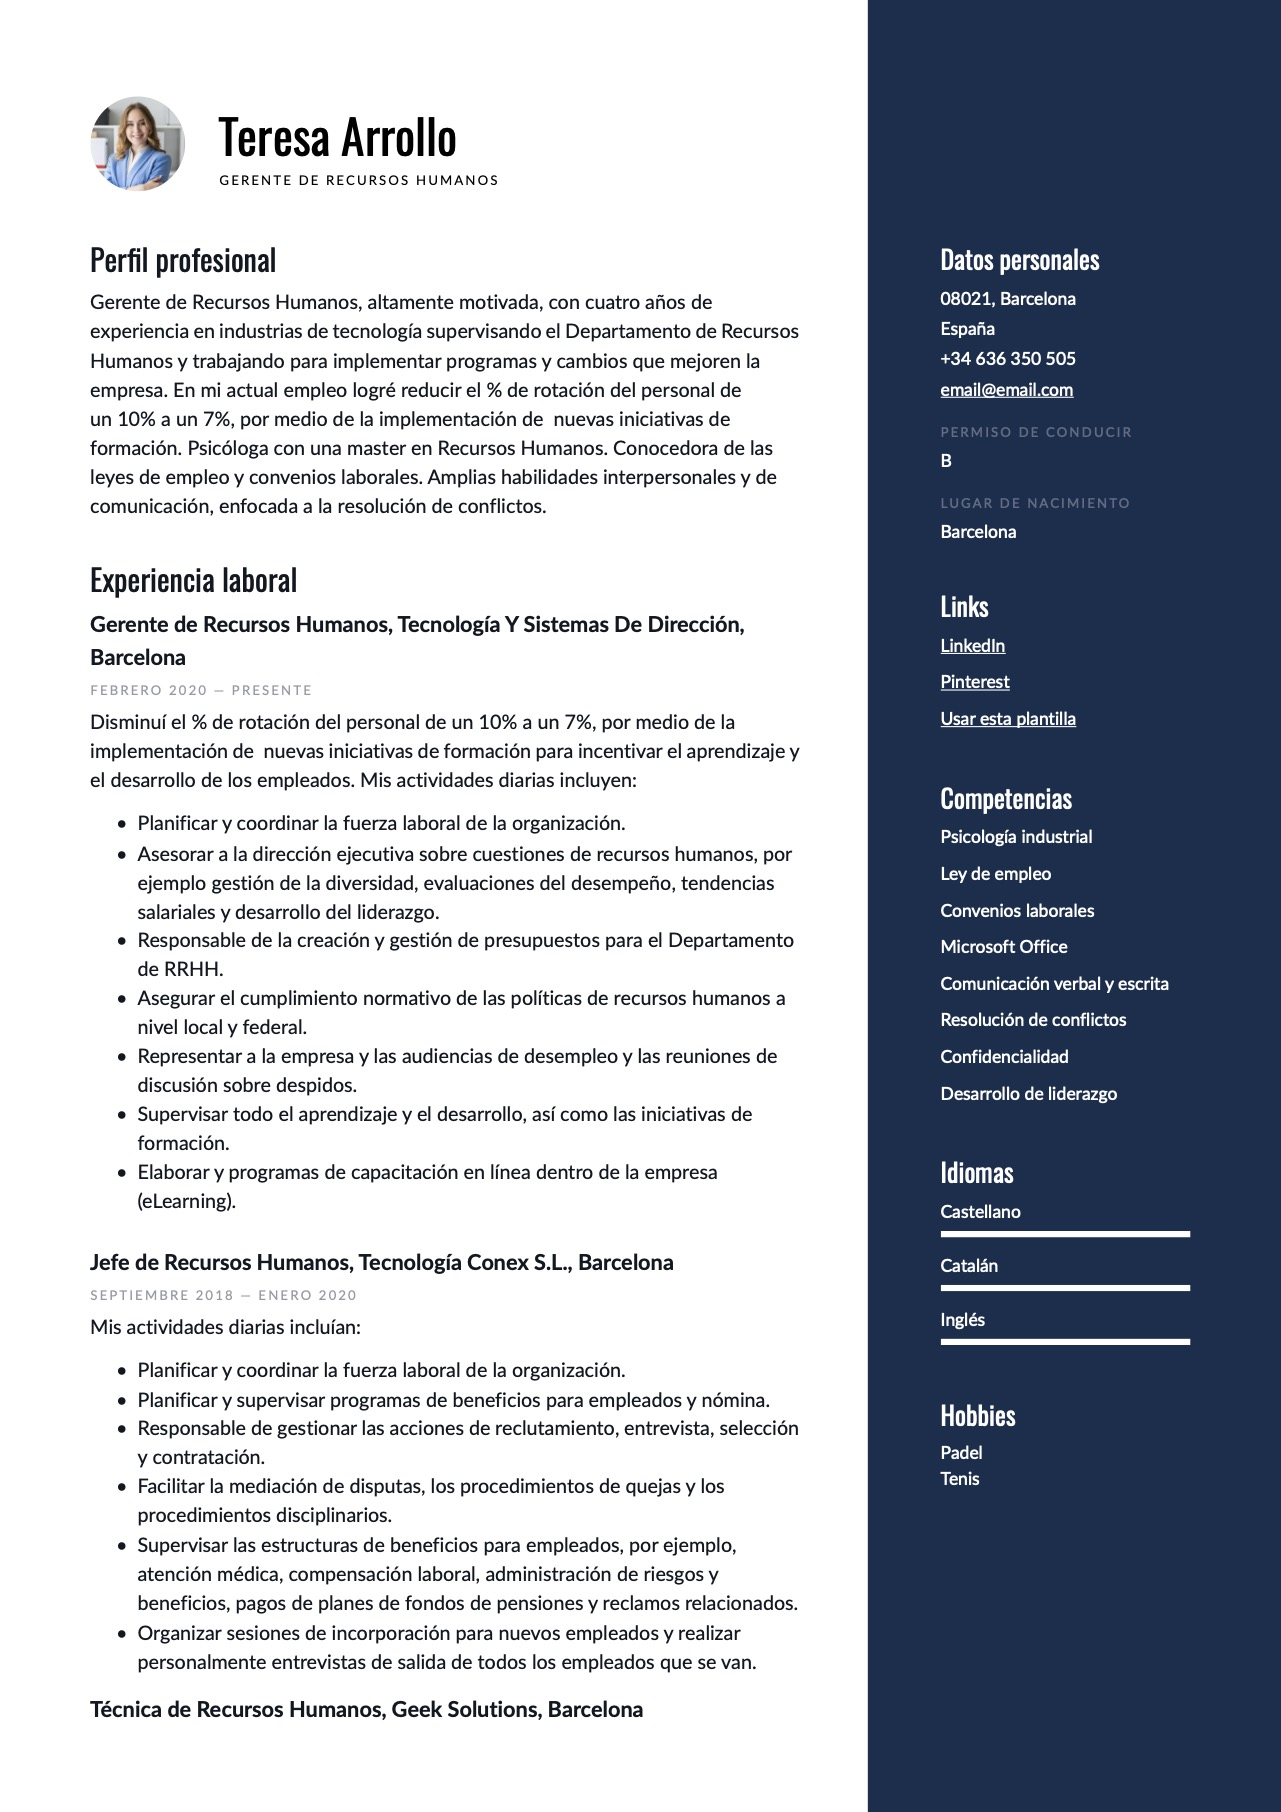 Modelo de CV para Recursos Humanos